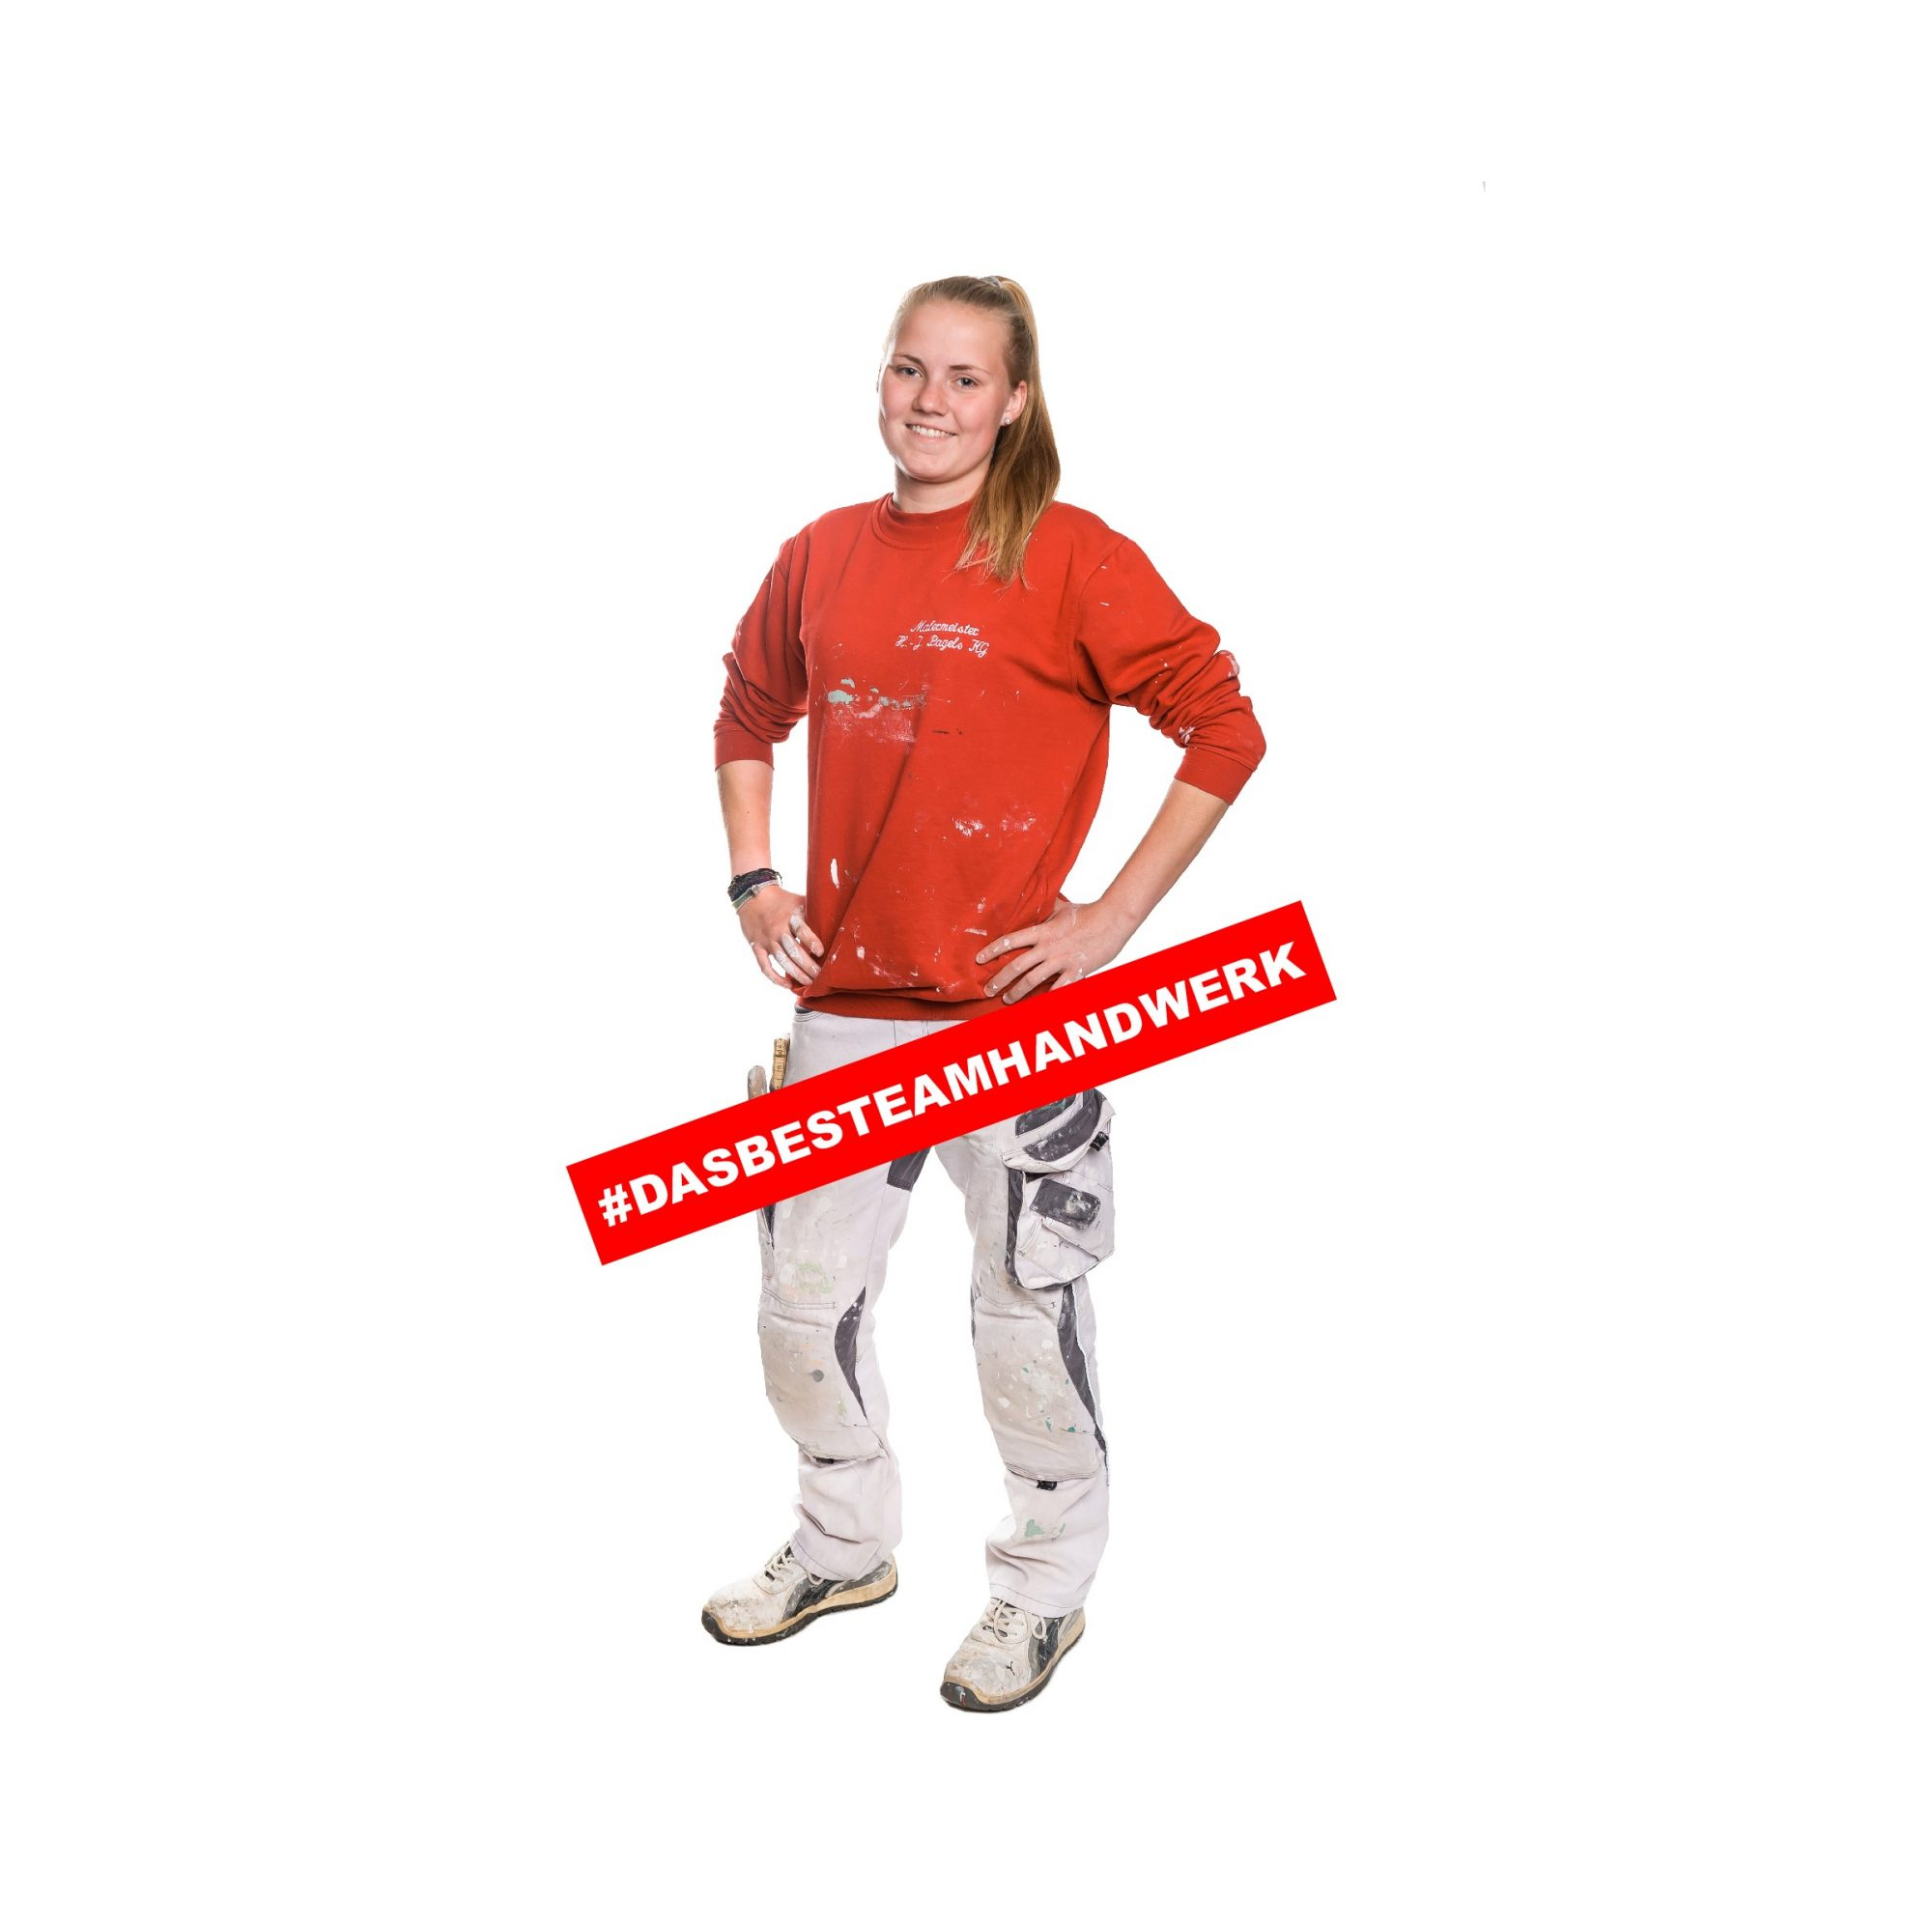 www.Das-Beste-am-Handwerk.de